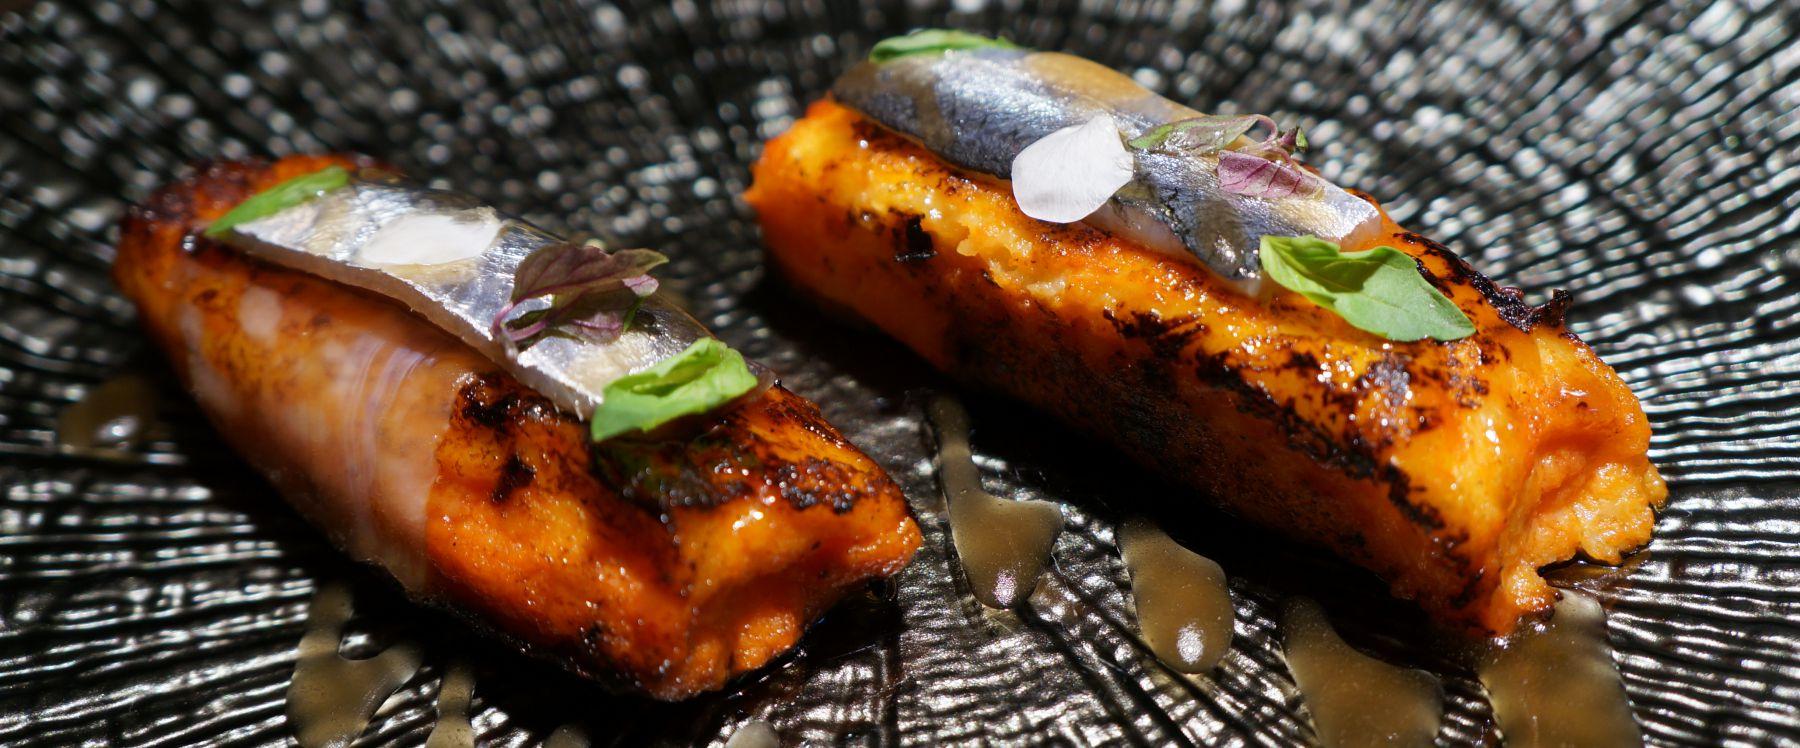 Torrijas de pan con tomate con sardinas | Recetas El Comidista EL PAÍS